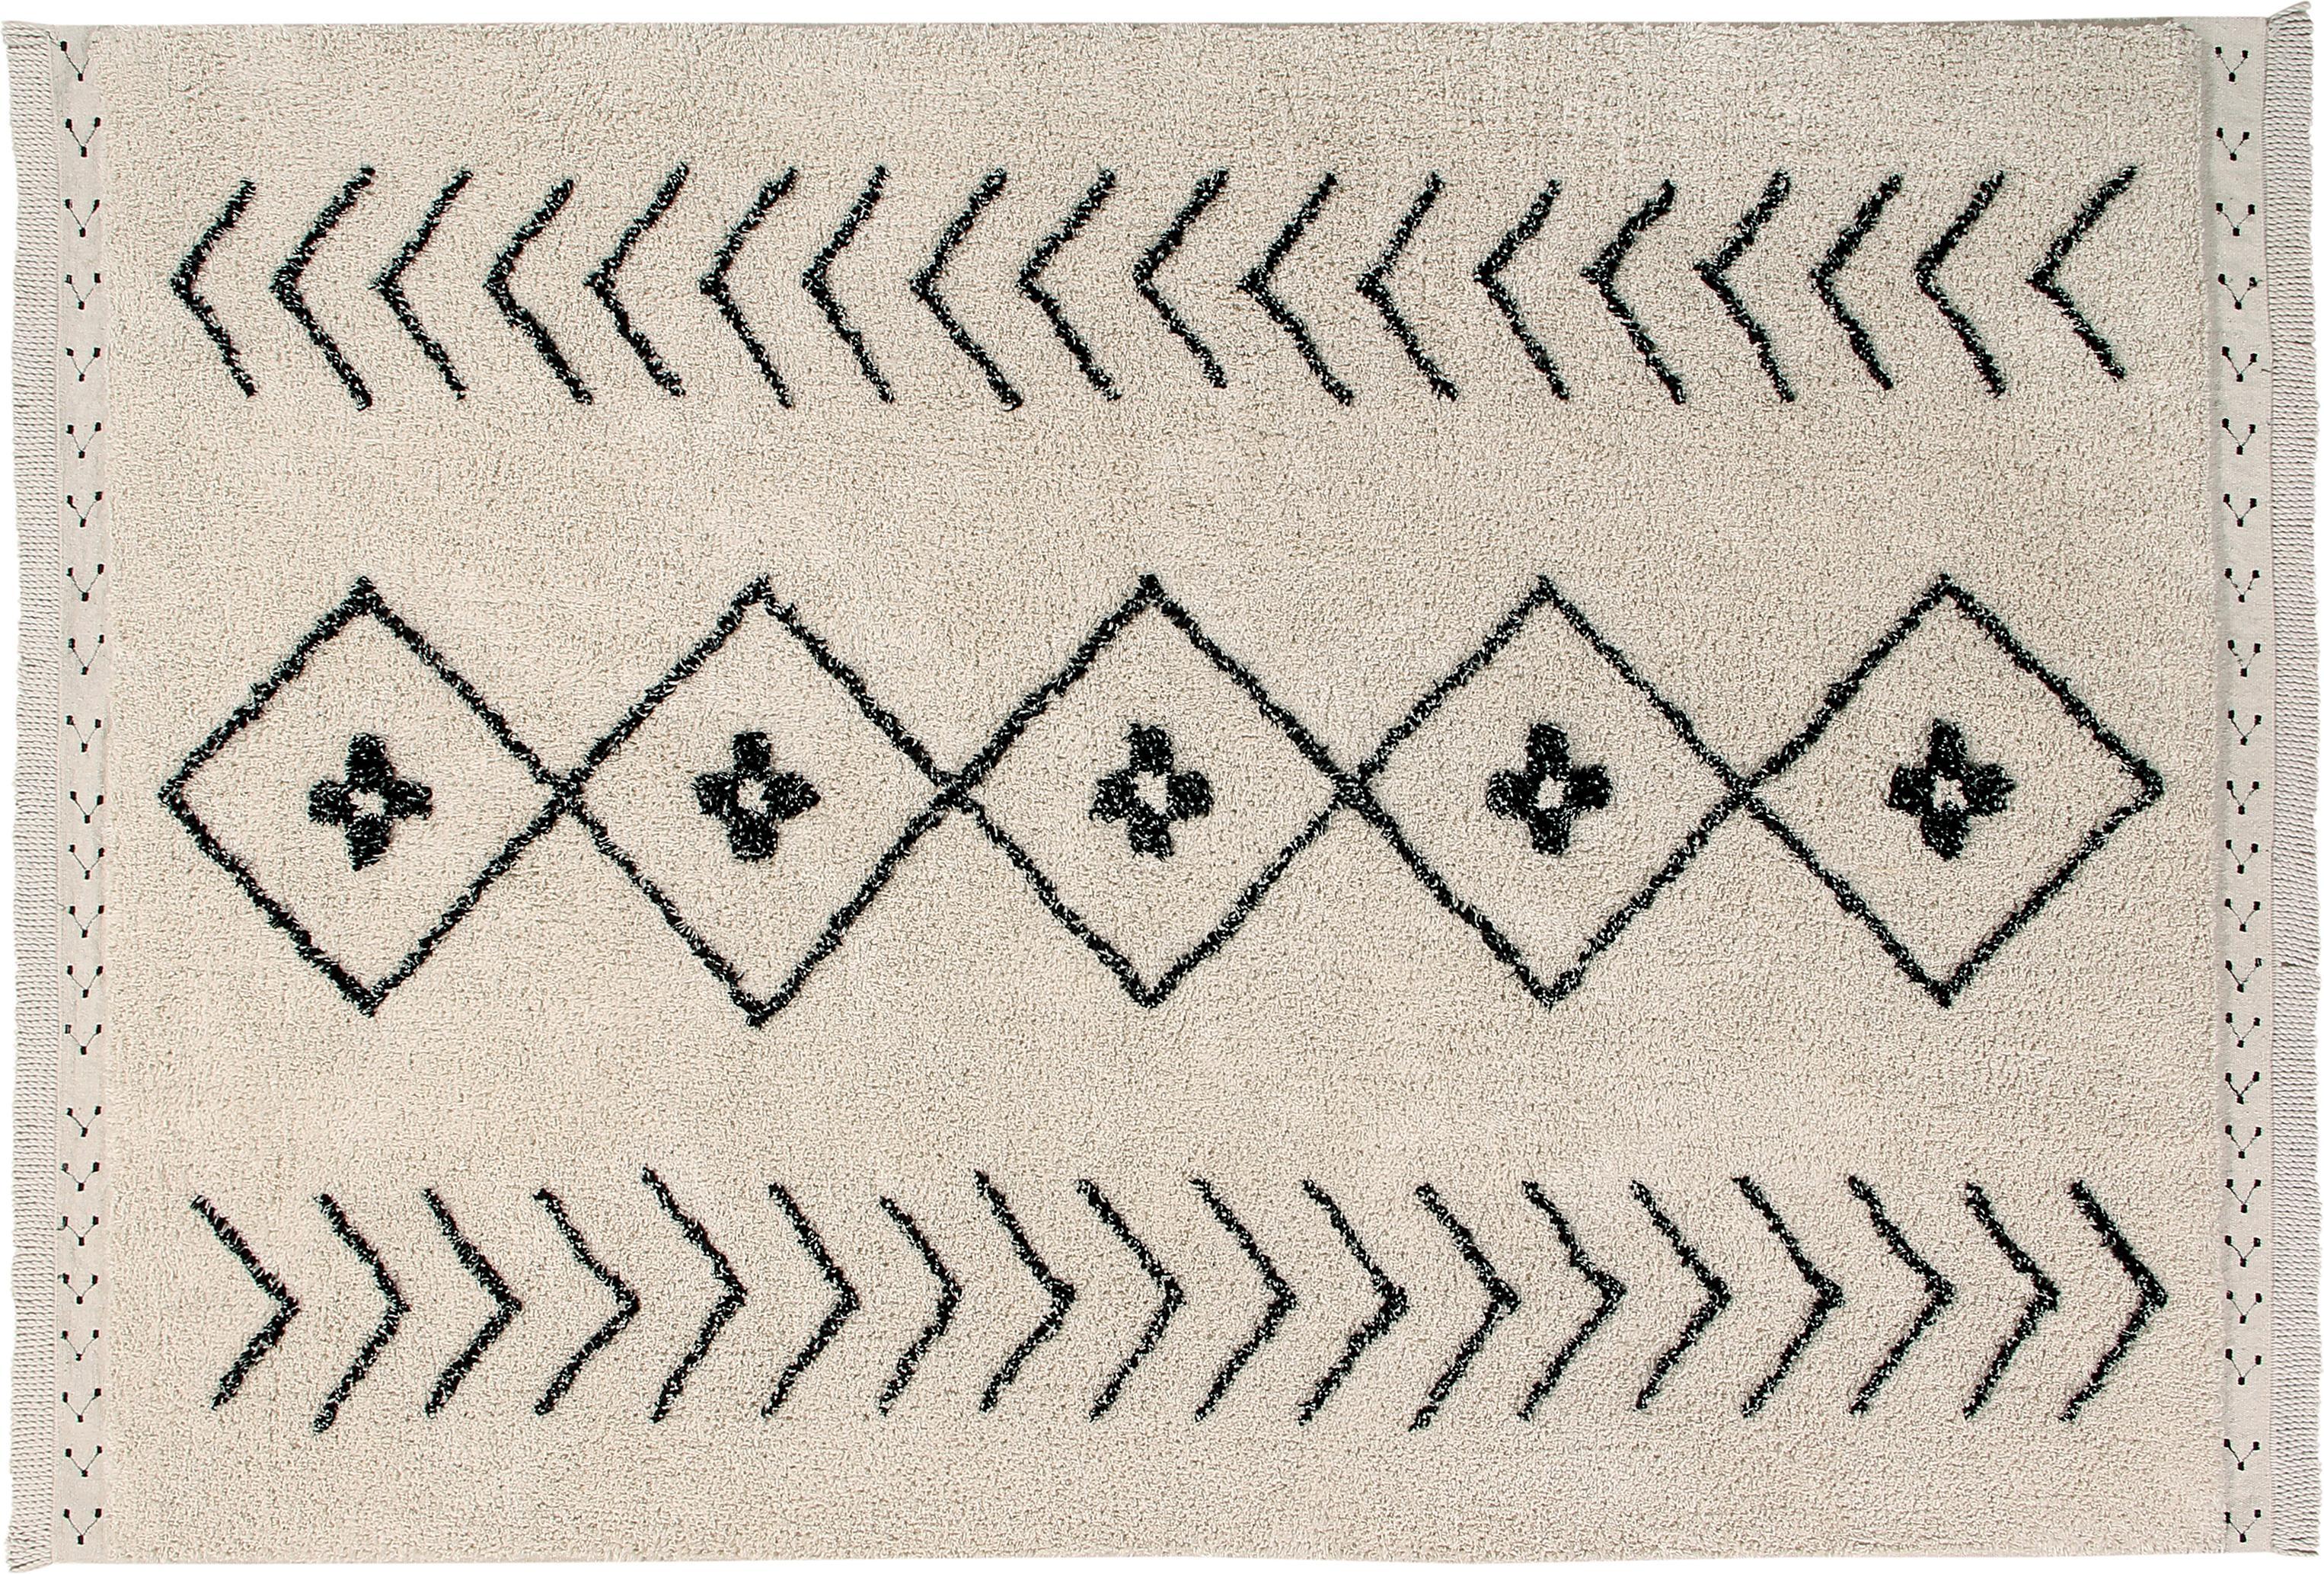 Teppich Barber, Flor: 85% Baumwolle, 15% recyce, Beige, Schwarz, B 140 x L 210 cm (Größe S)